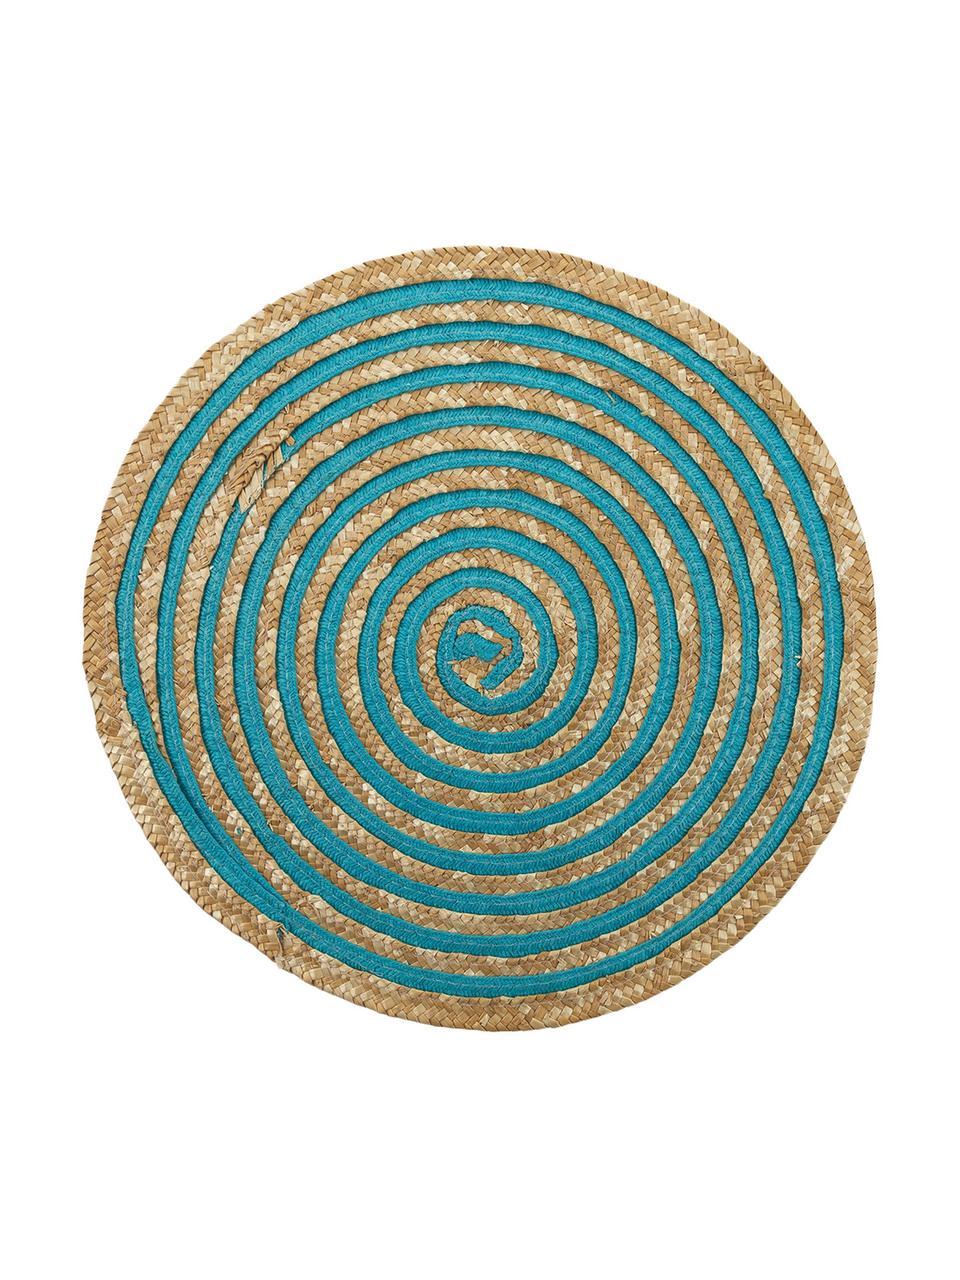 Ronde placemats Baita, 6 stuks, Bastvezels, Beige, multicolour, Ø 39 cm